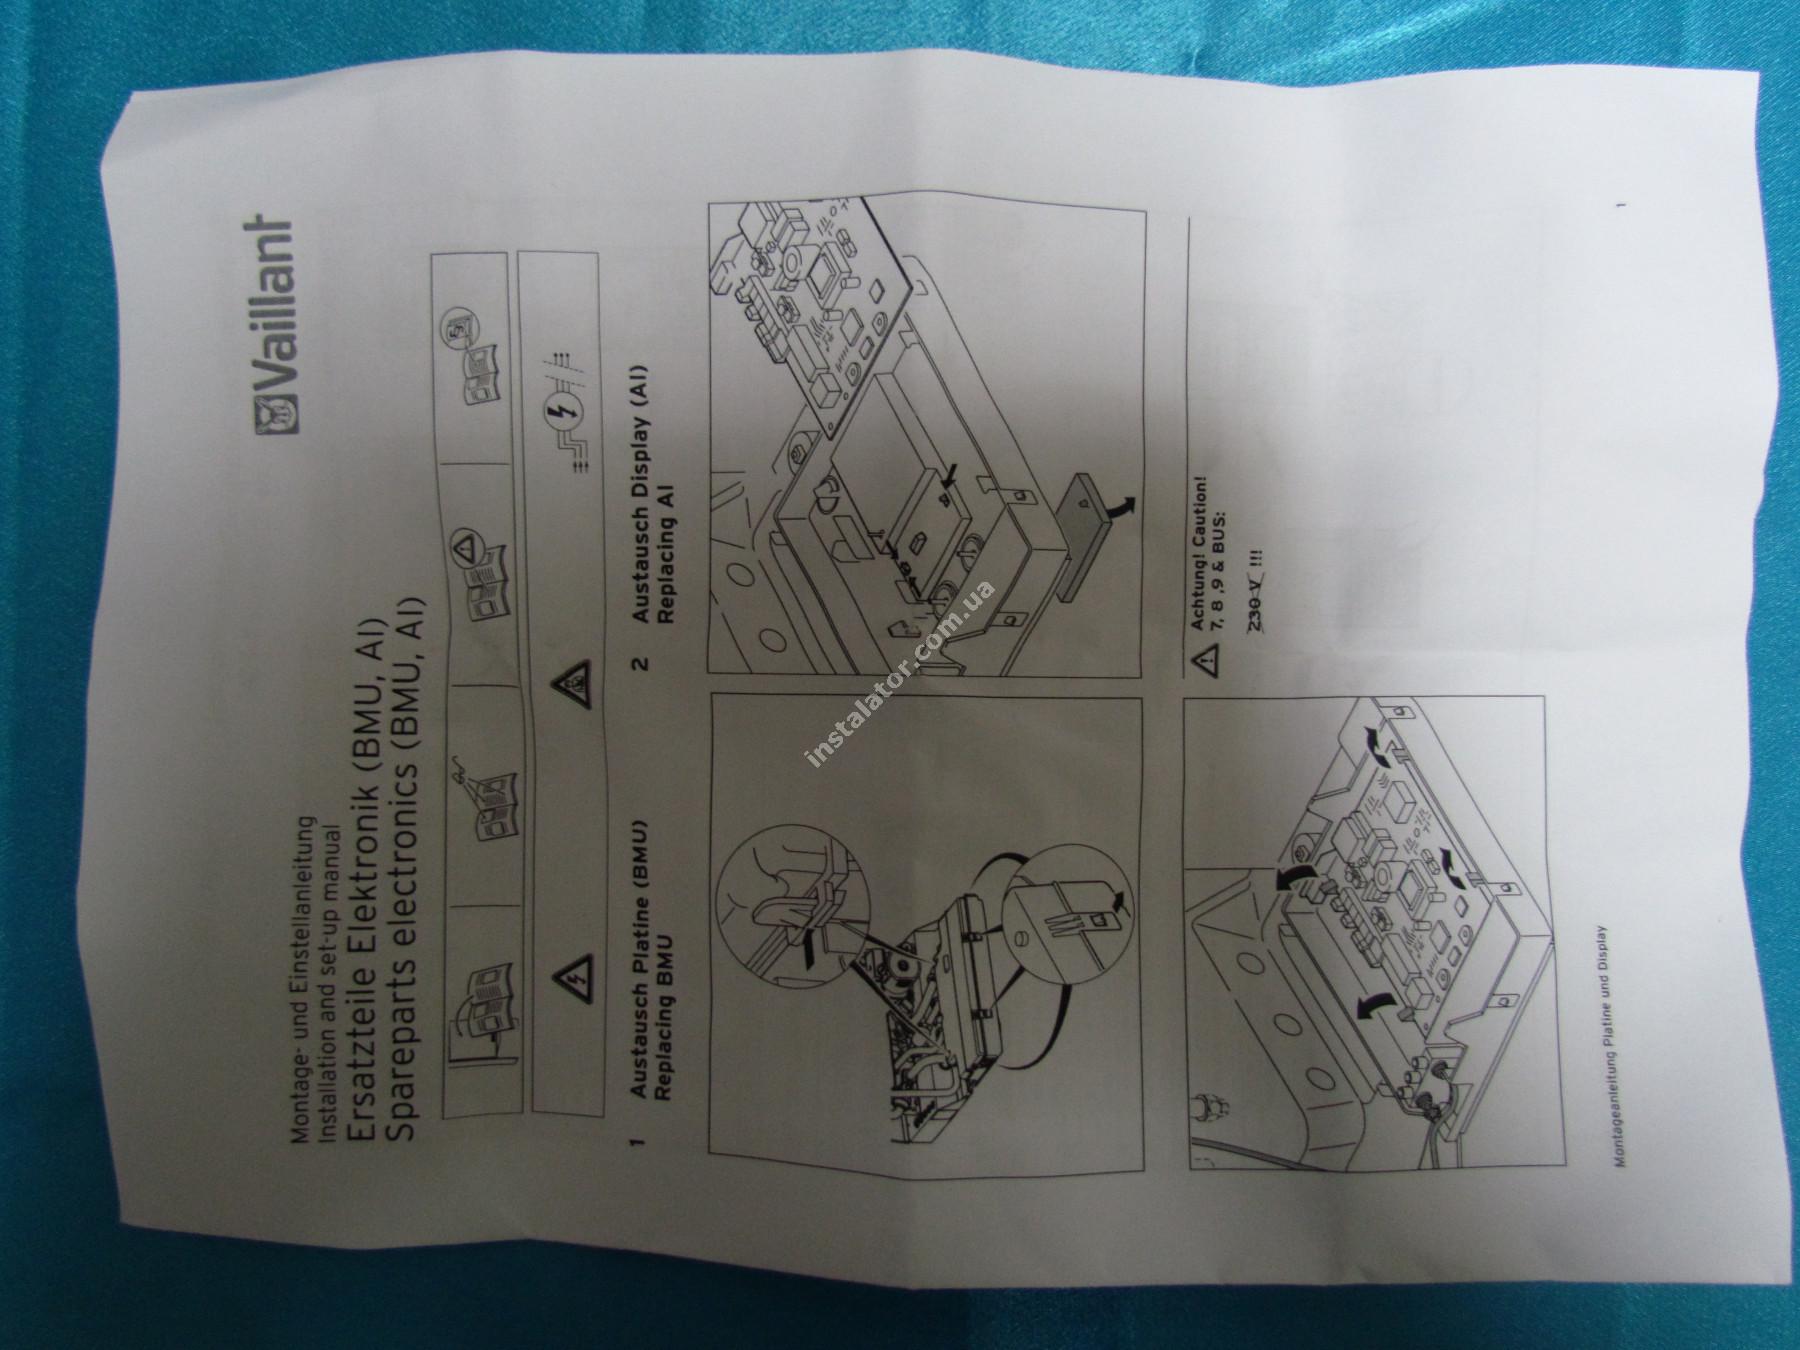 0020056561 Плата дисплея Vaillant TEC PLUS full-image-4